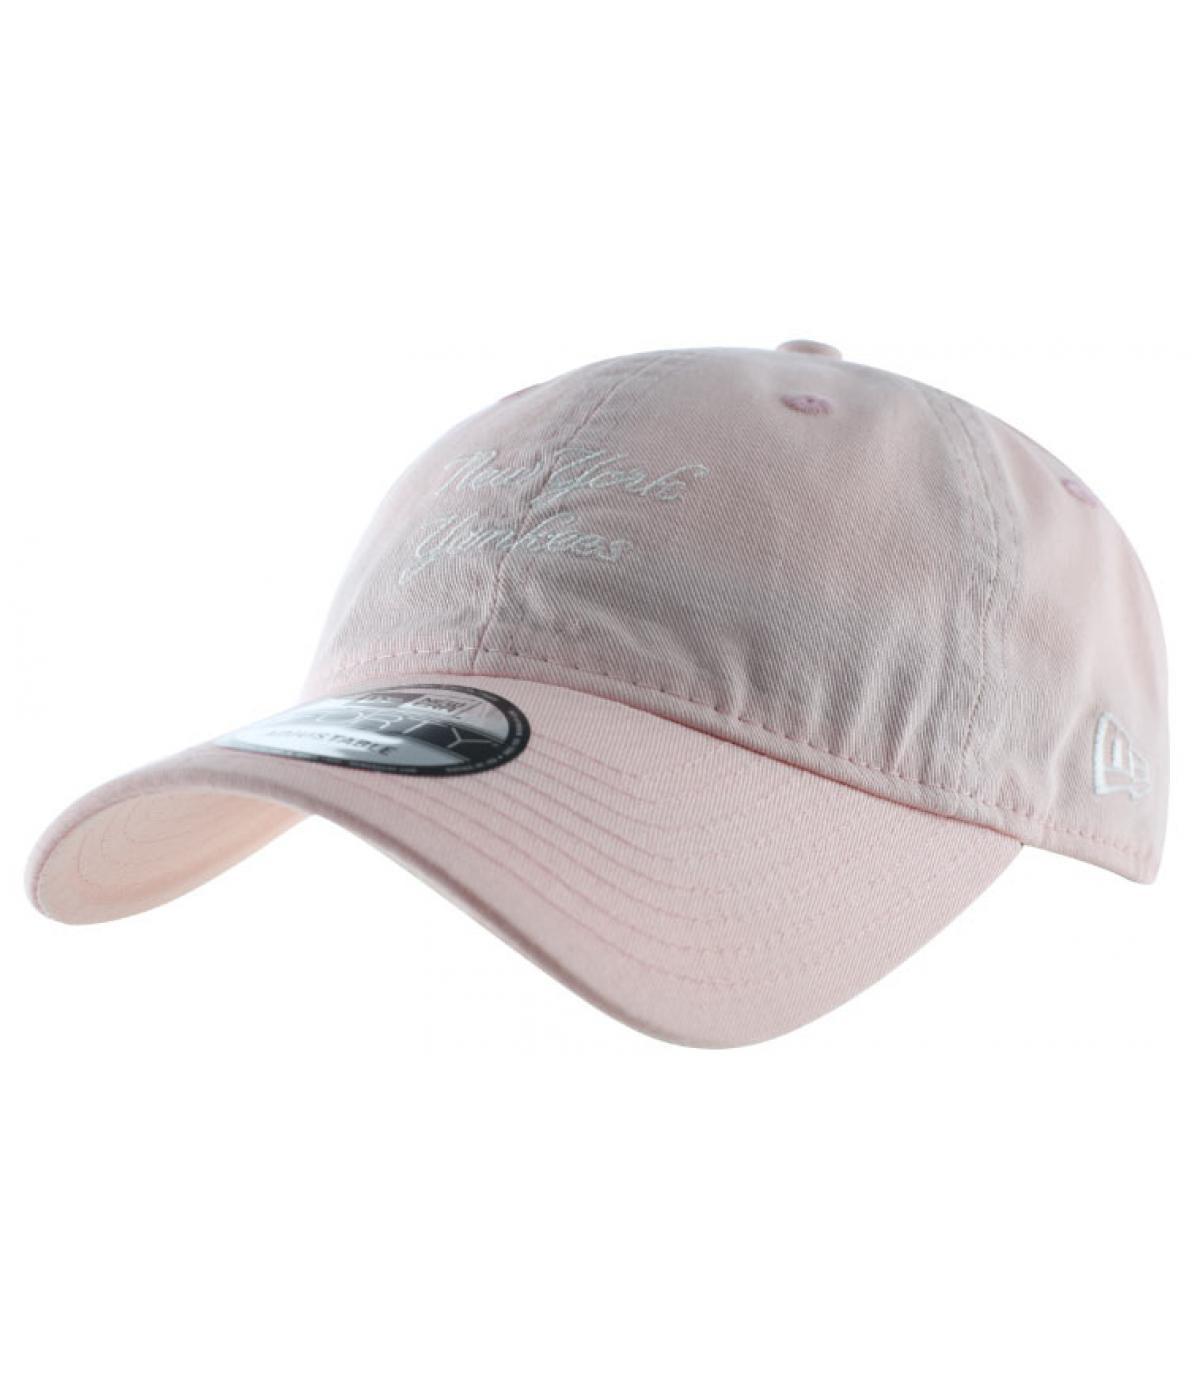 Détails Casquette NY Sunbleach Unstructured pink - image 2